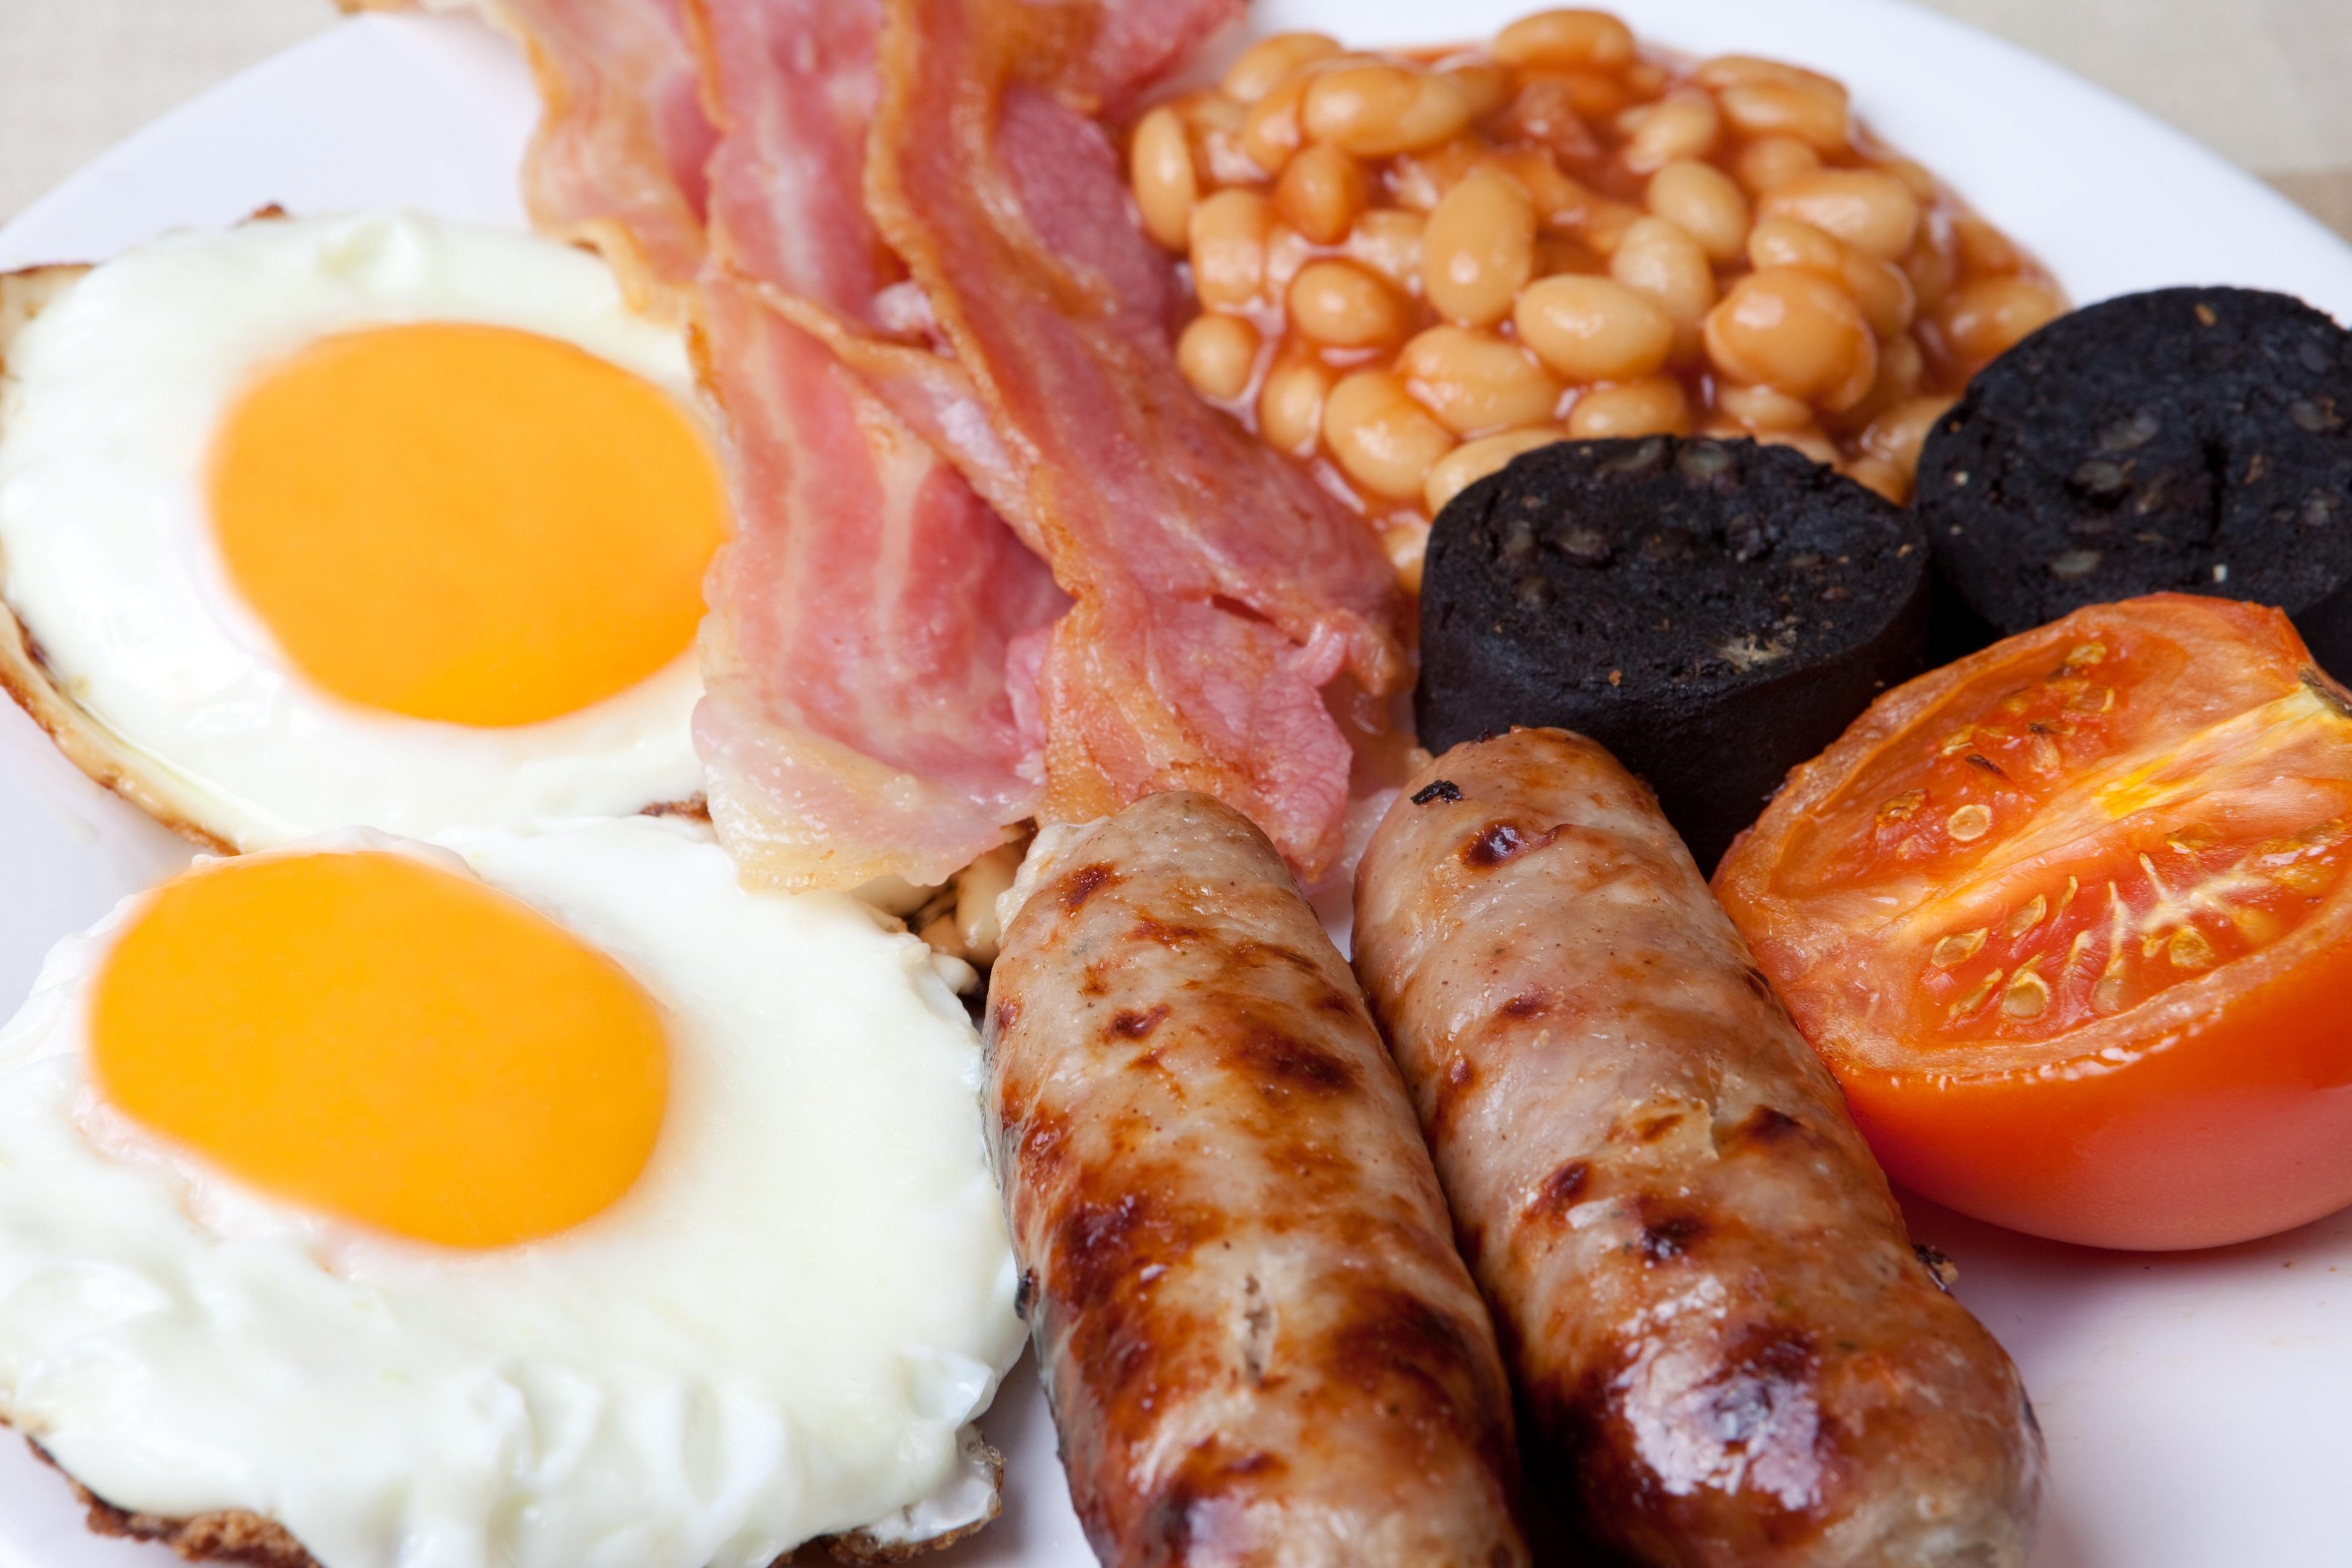 Так выглядит традиционный английский завтрак, сфотографированный туристом.